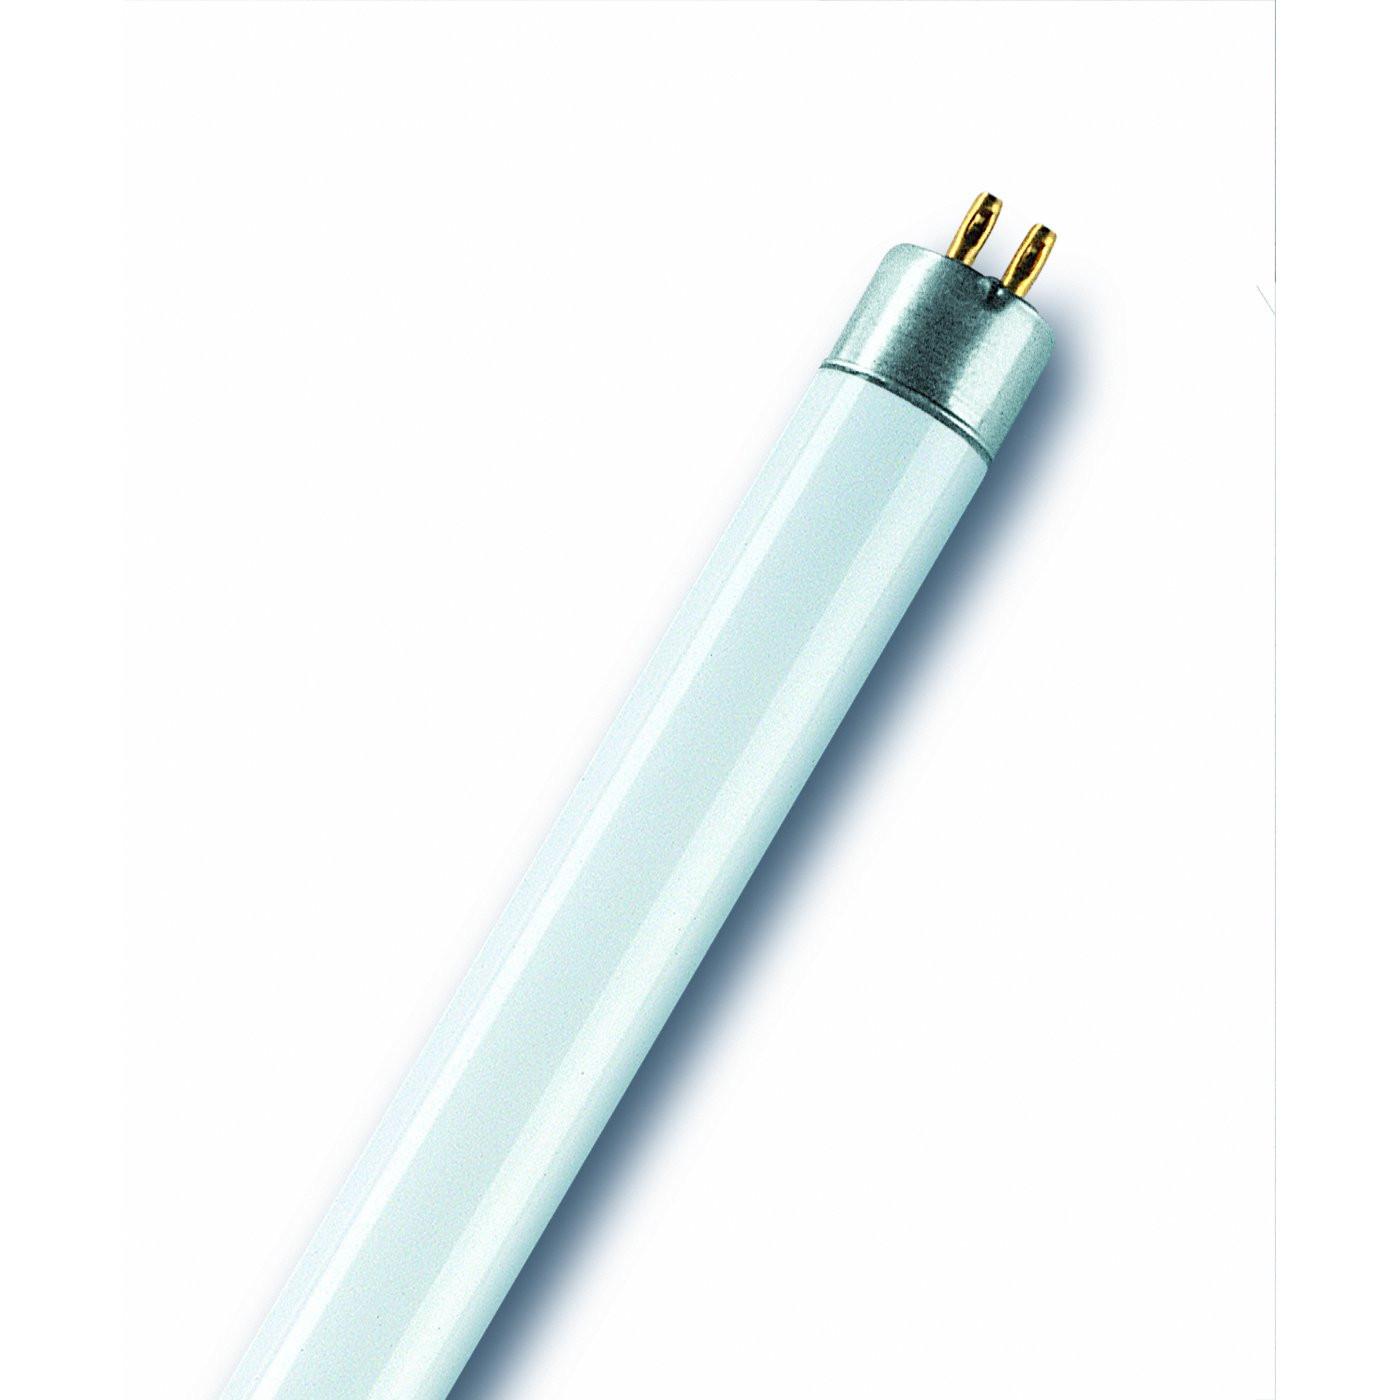 Osram Leuchtstofflampe Röhrenform T16 54W/827 G5 HO hoher Lichtstrom warmweiß extra